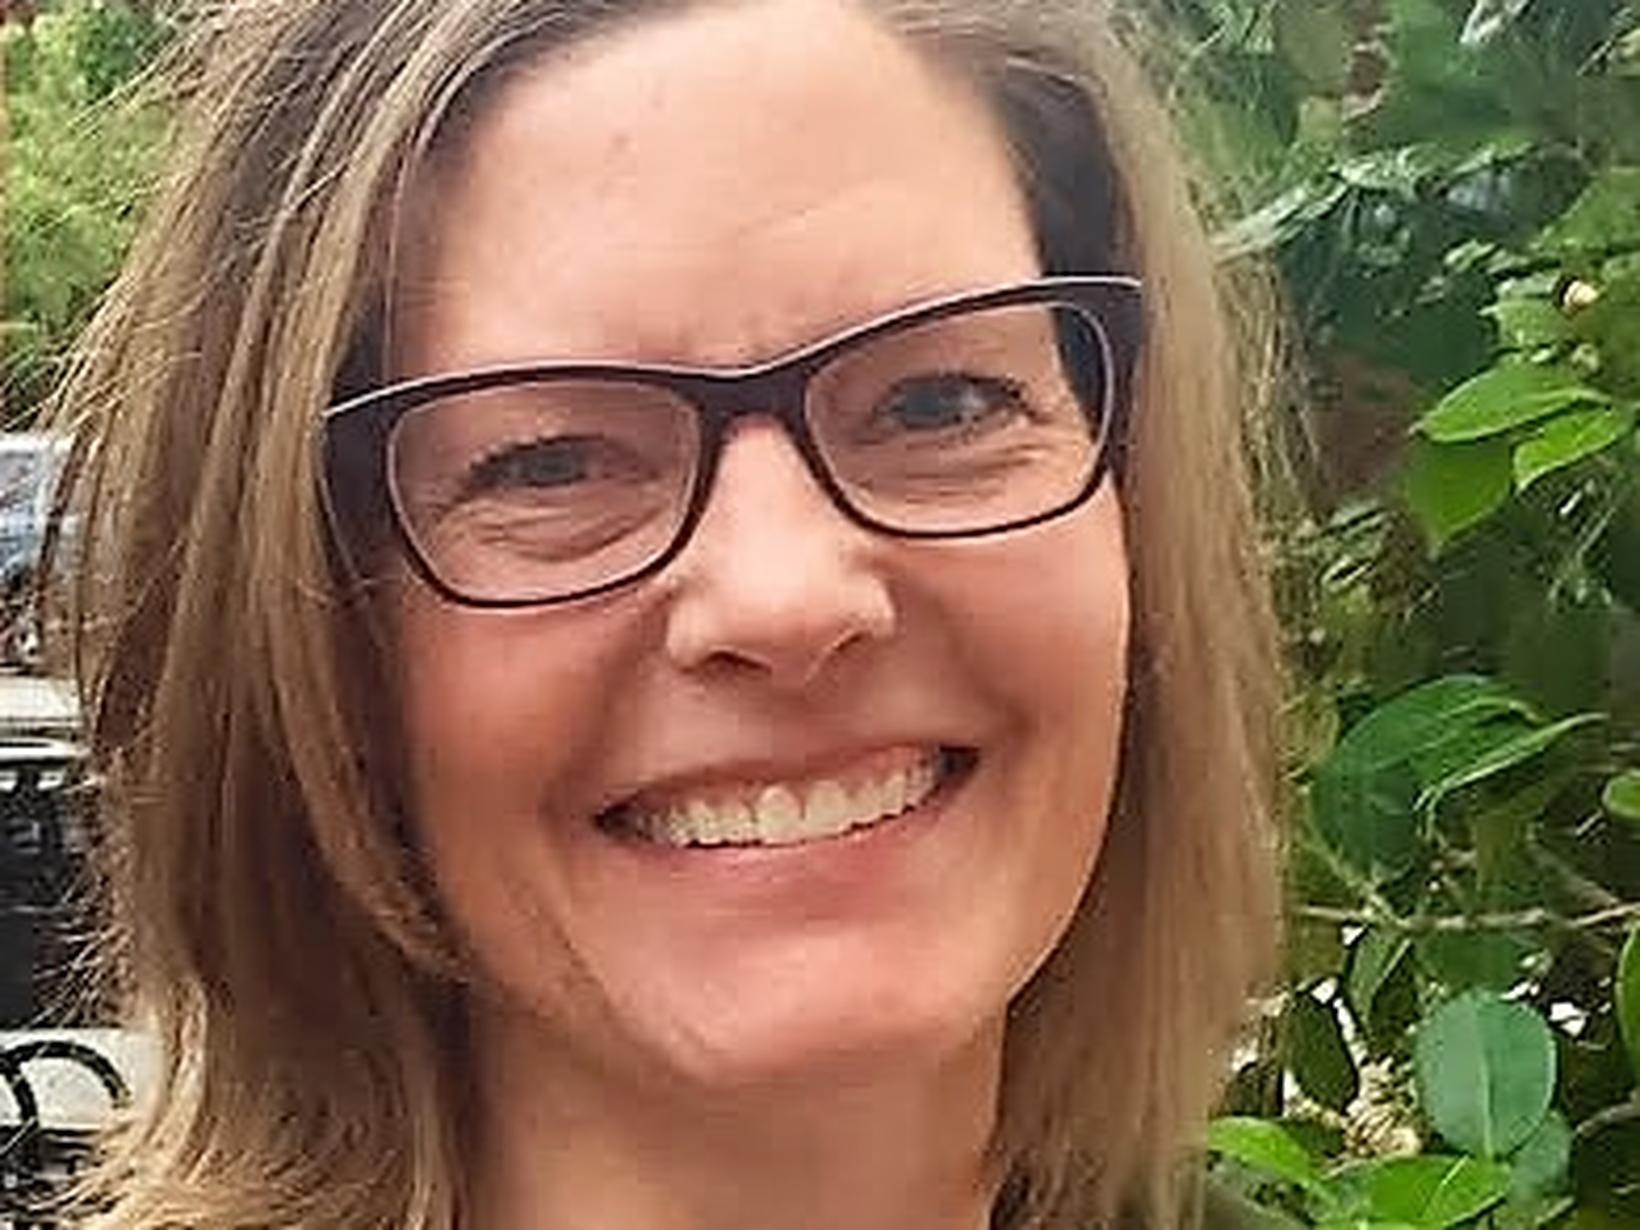 Katharine from Seattle, Washington, United States